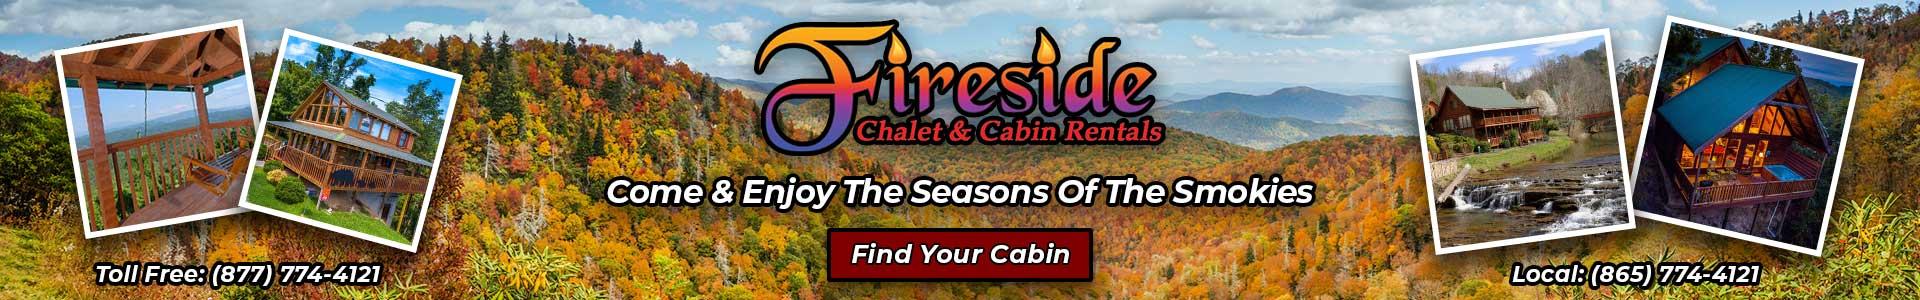 Click to visit website: Fireside Chalets